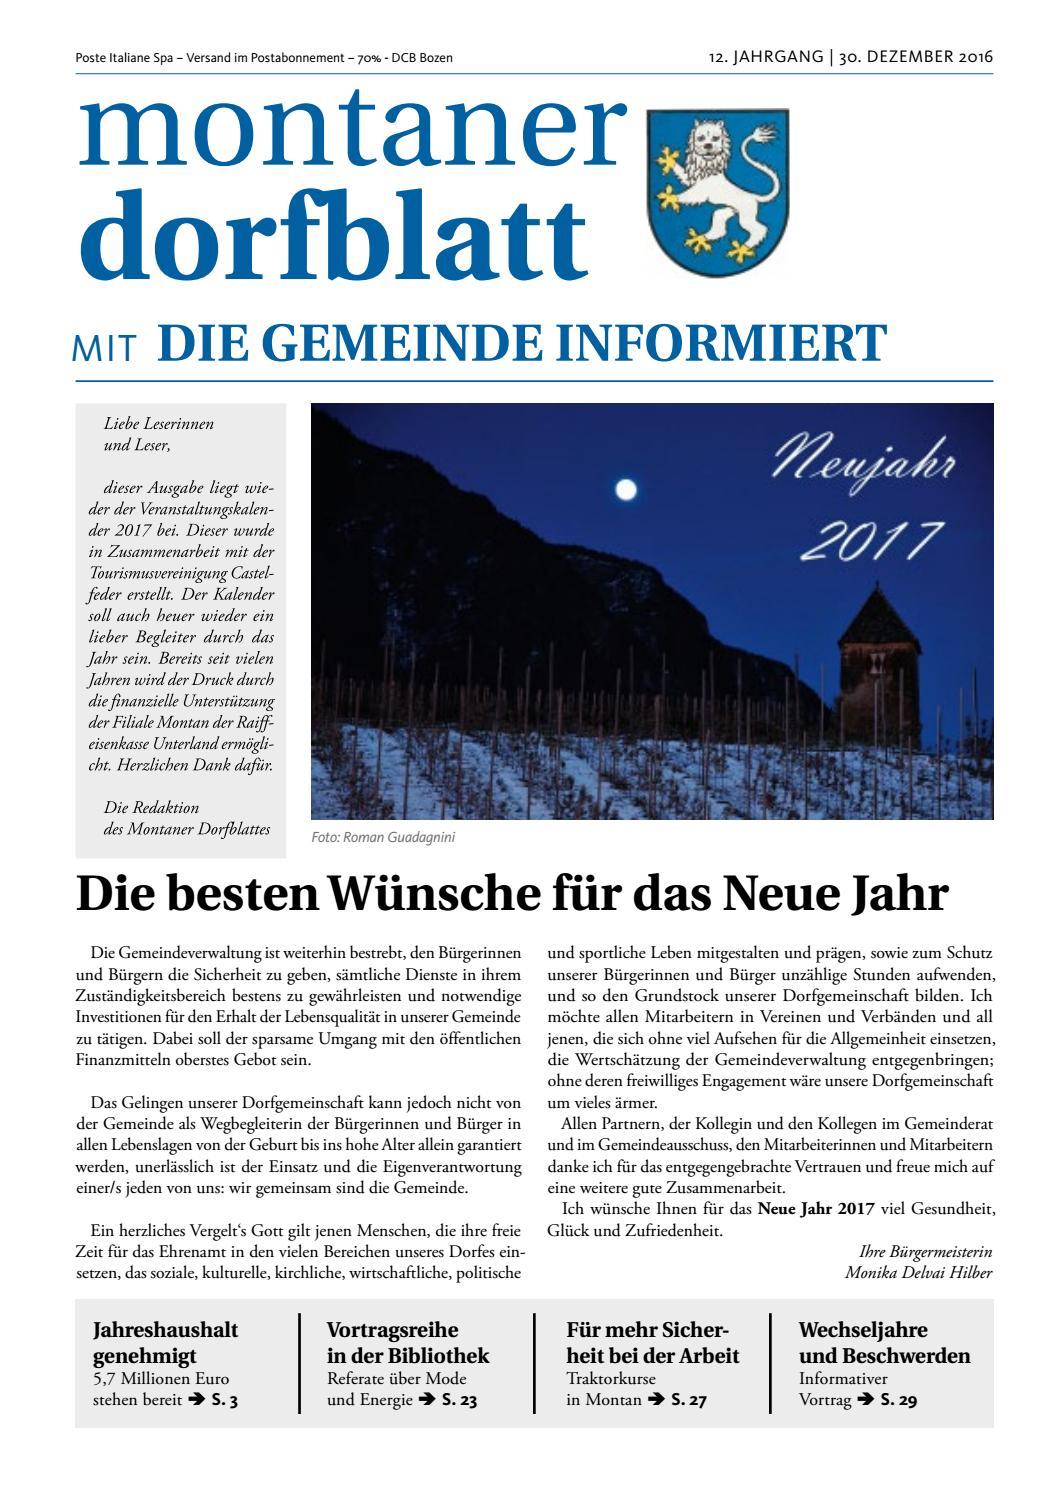 montaner_dorfblatt_dezember_2016 by Montaner Dorfblatt - issuu